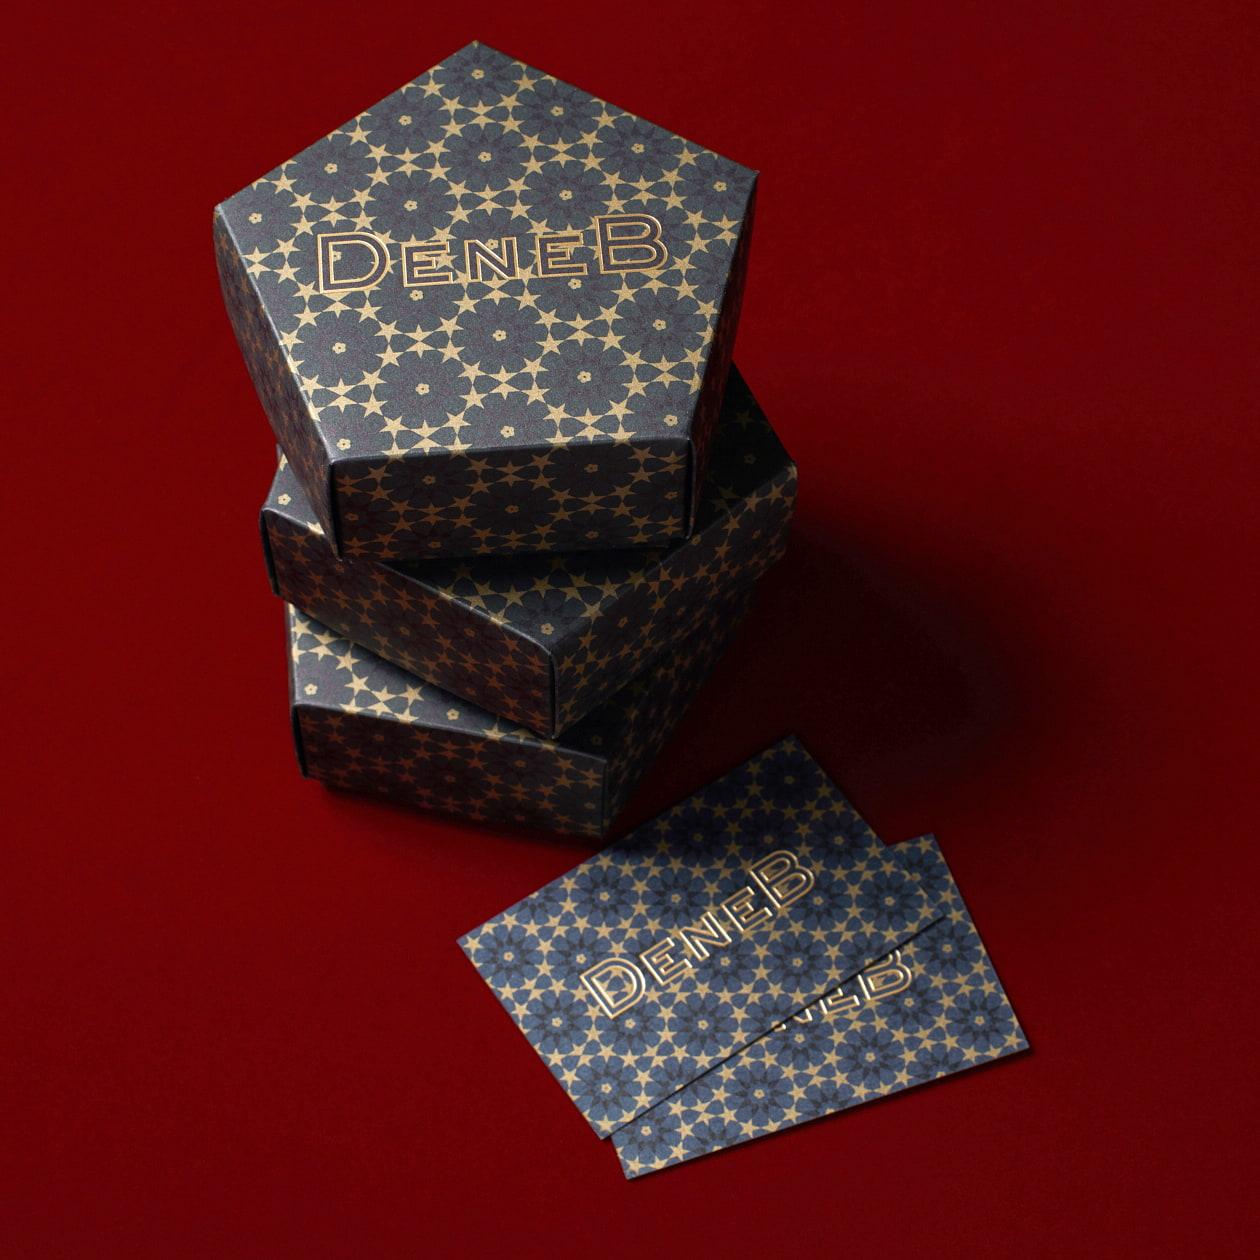 ビンテージ感のある五角形のジュエリーBOX